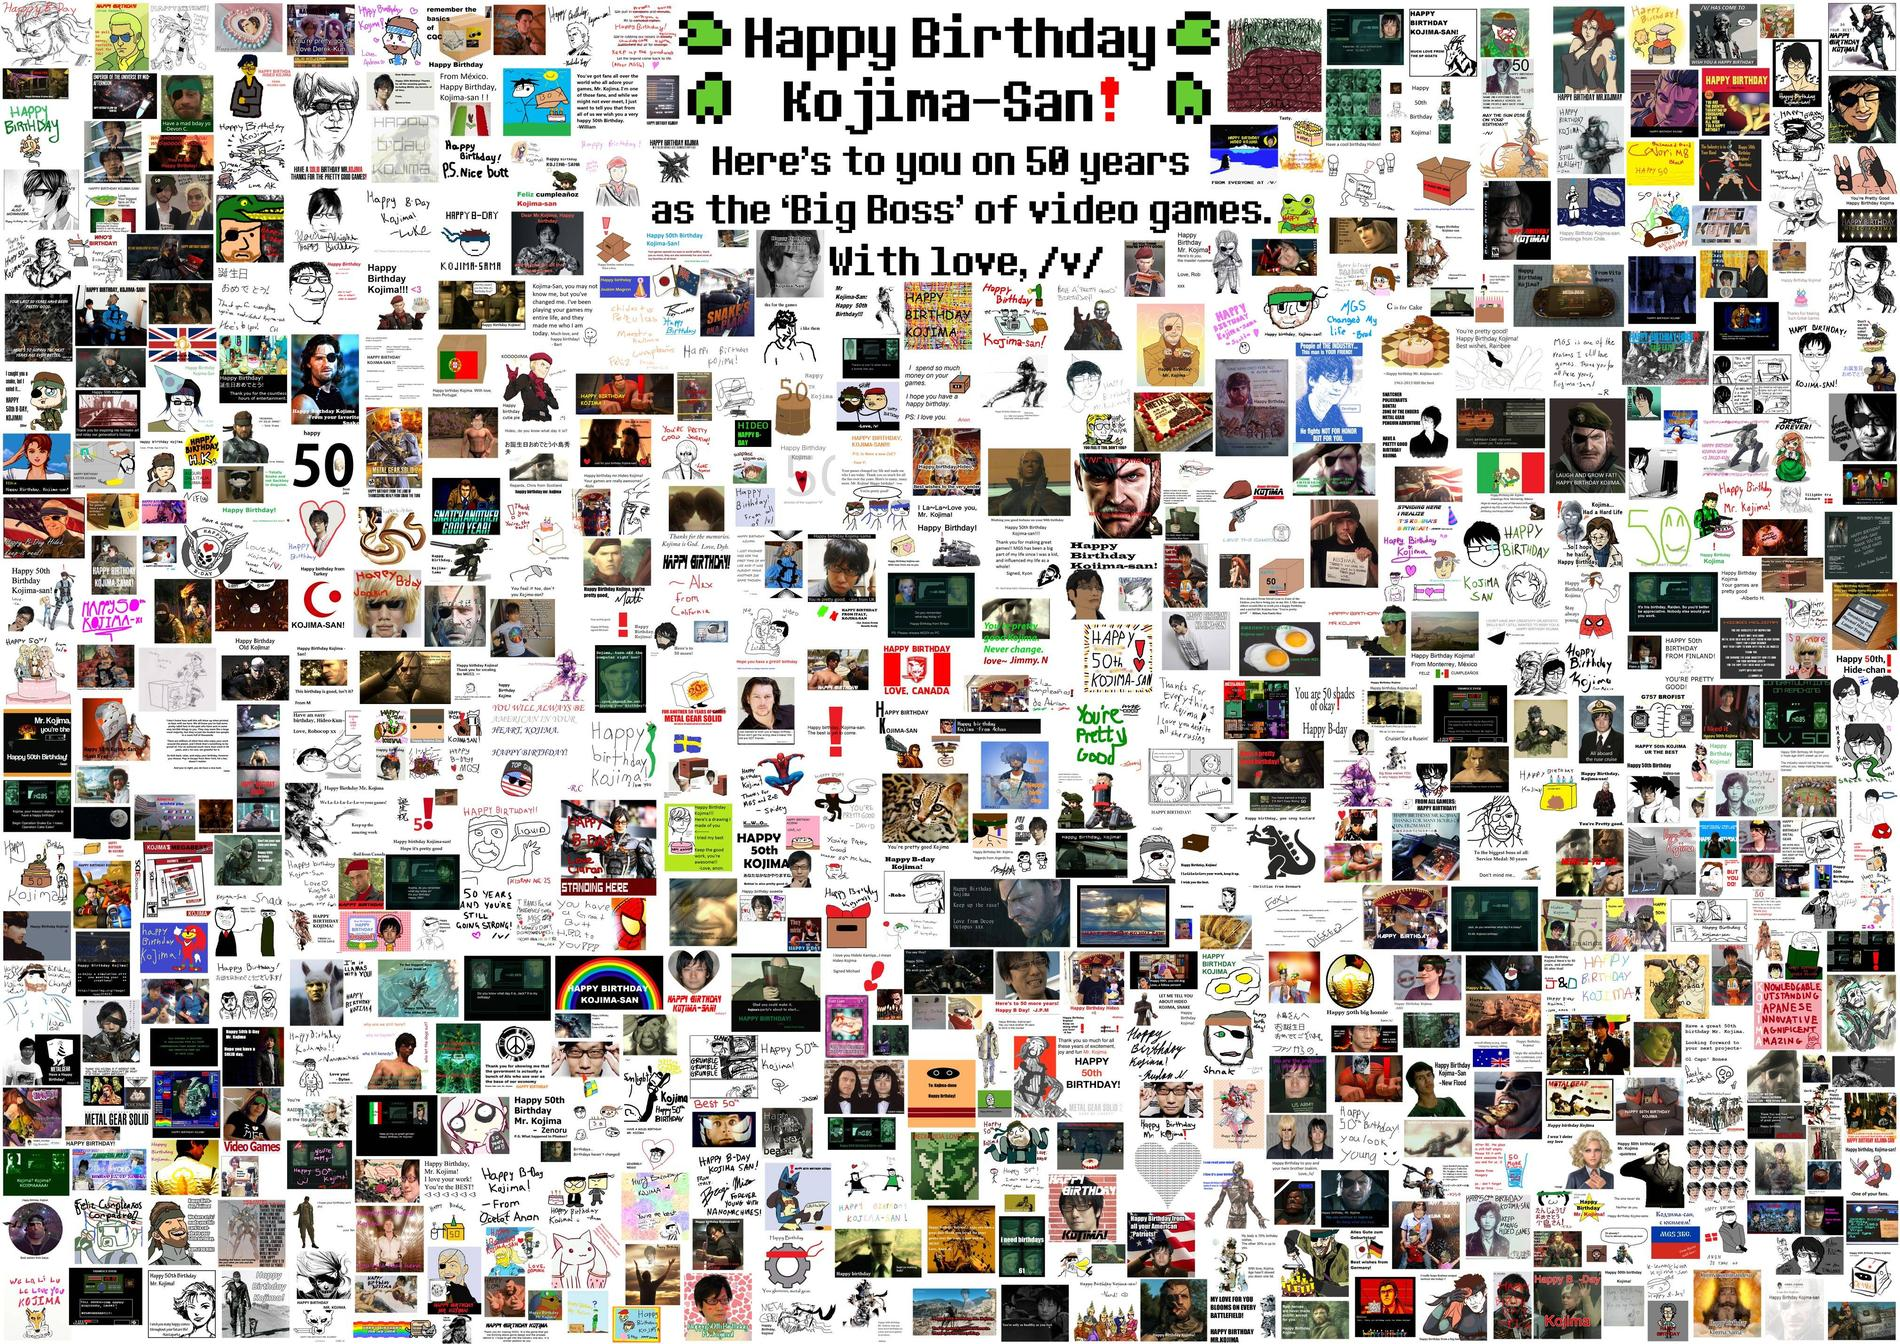 Кодзиме сегодня 50, поздравим его   Имиджбоард 4chan послал специальную поздравительную открытку для Хидео Кодзима. - Изображение 1